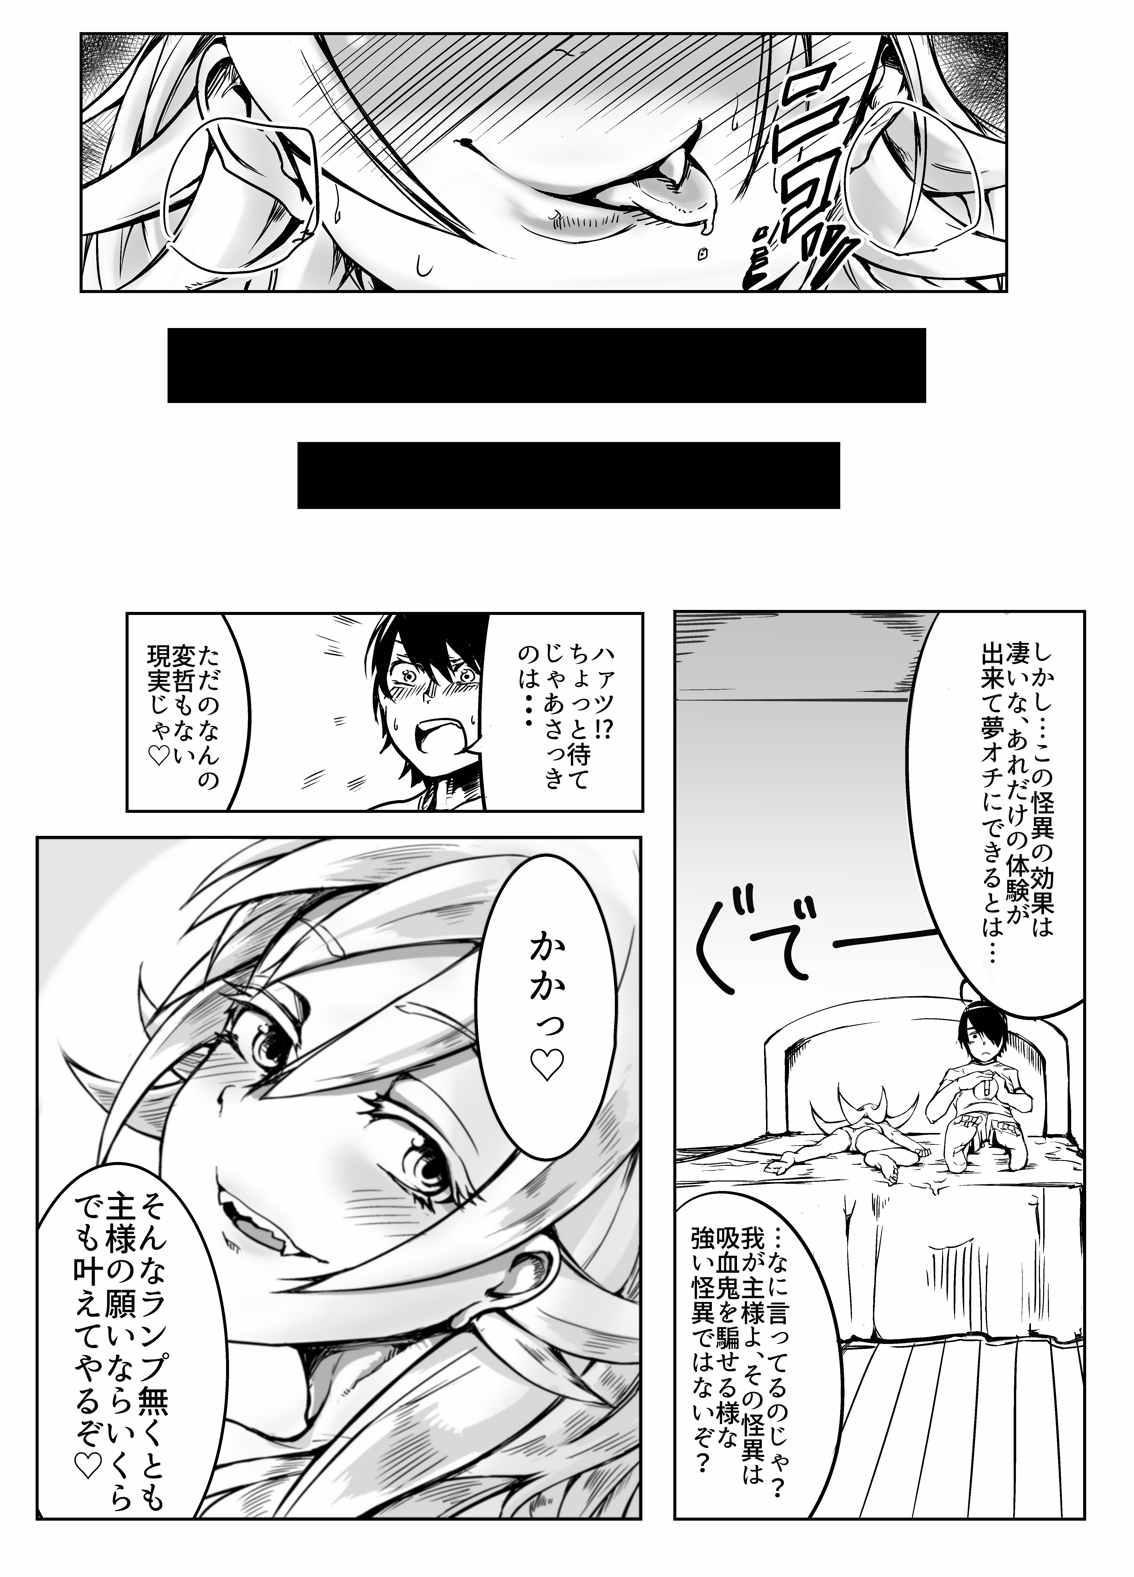 Koyomi Lamp 12